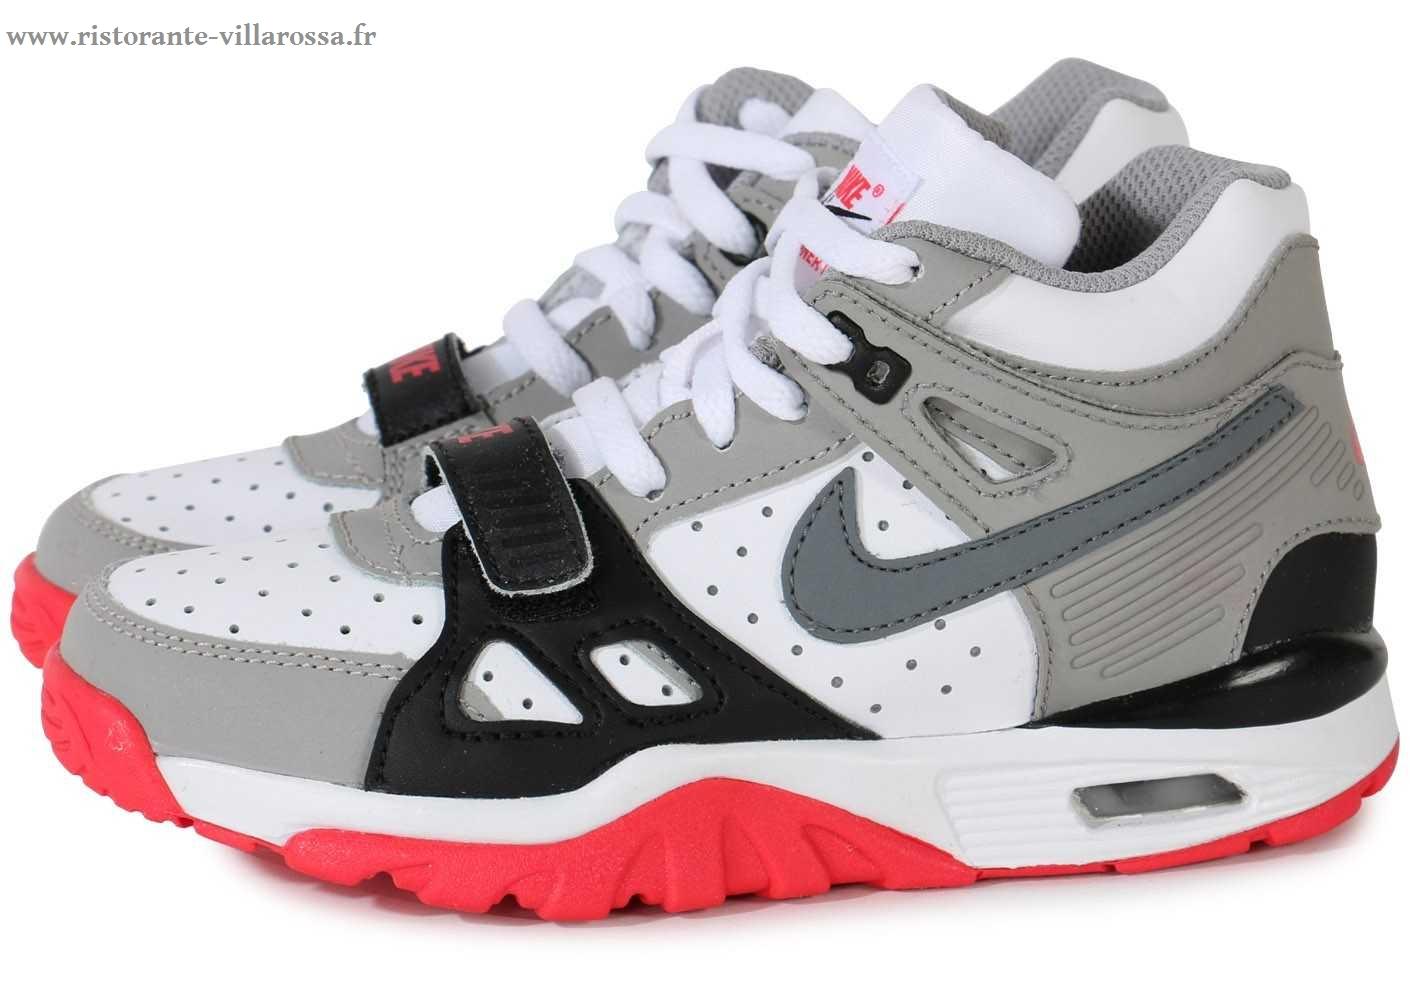 Nike en cuir homme